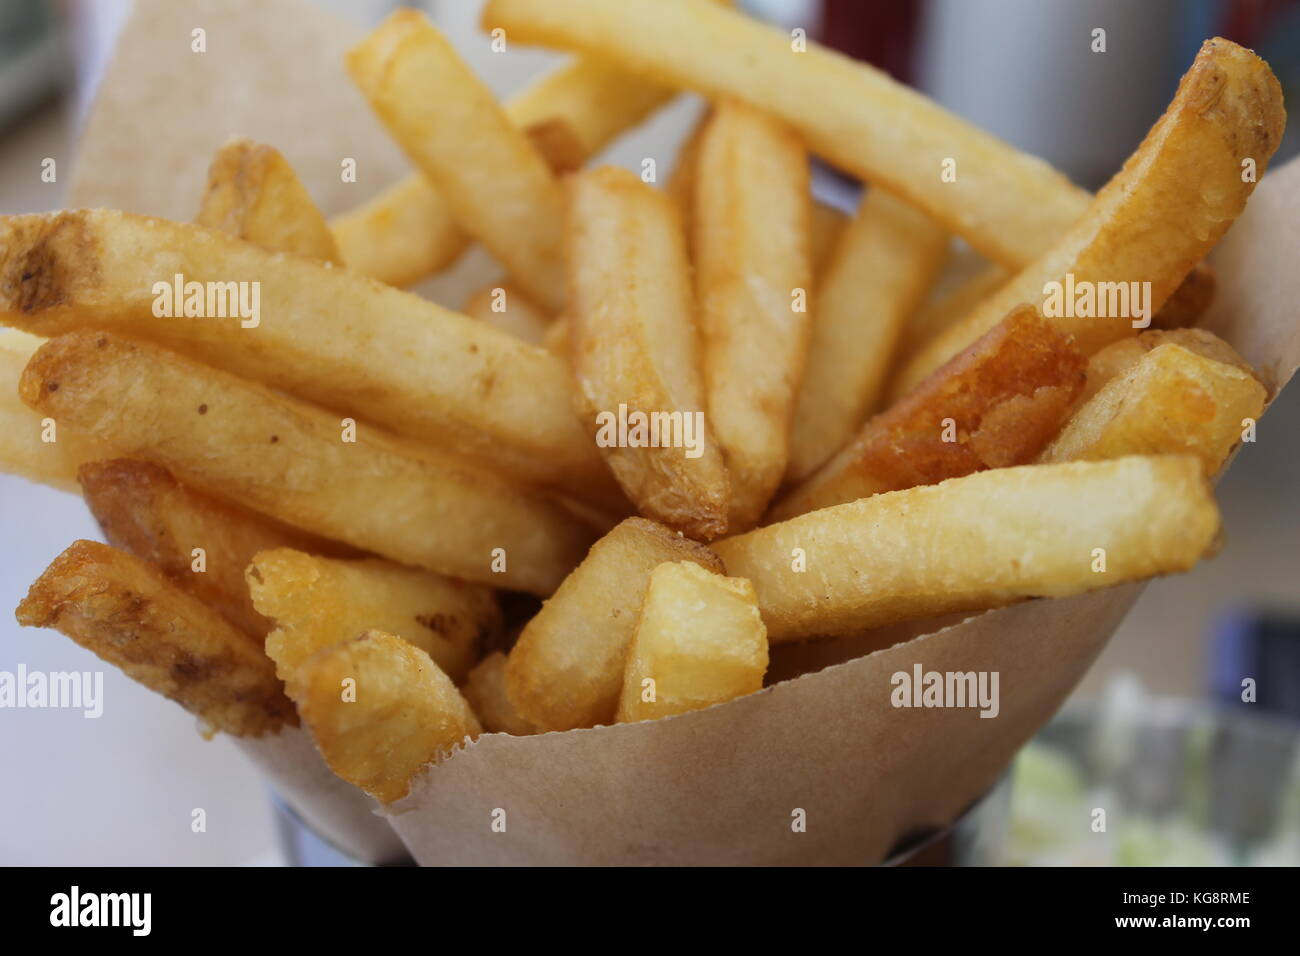 Frisch geschnittenen Pommes frites in einer braunen Papiermembran Stockbild